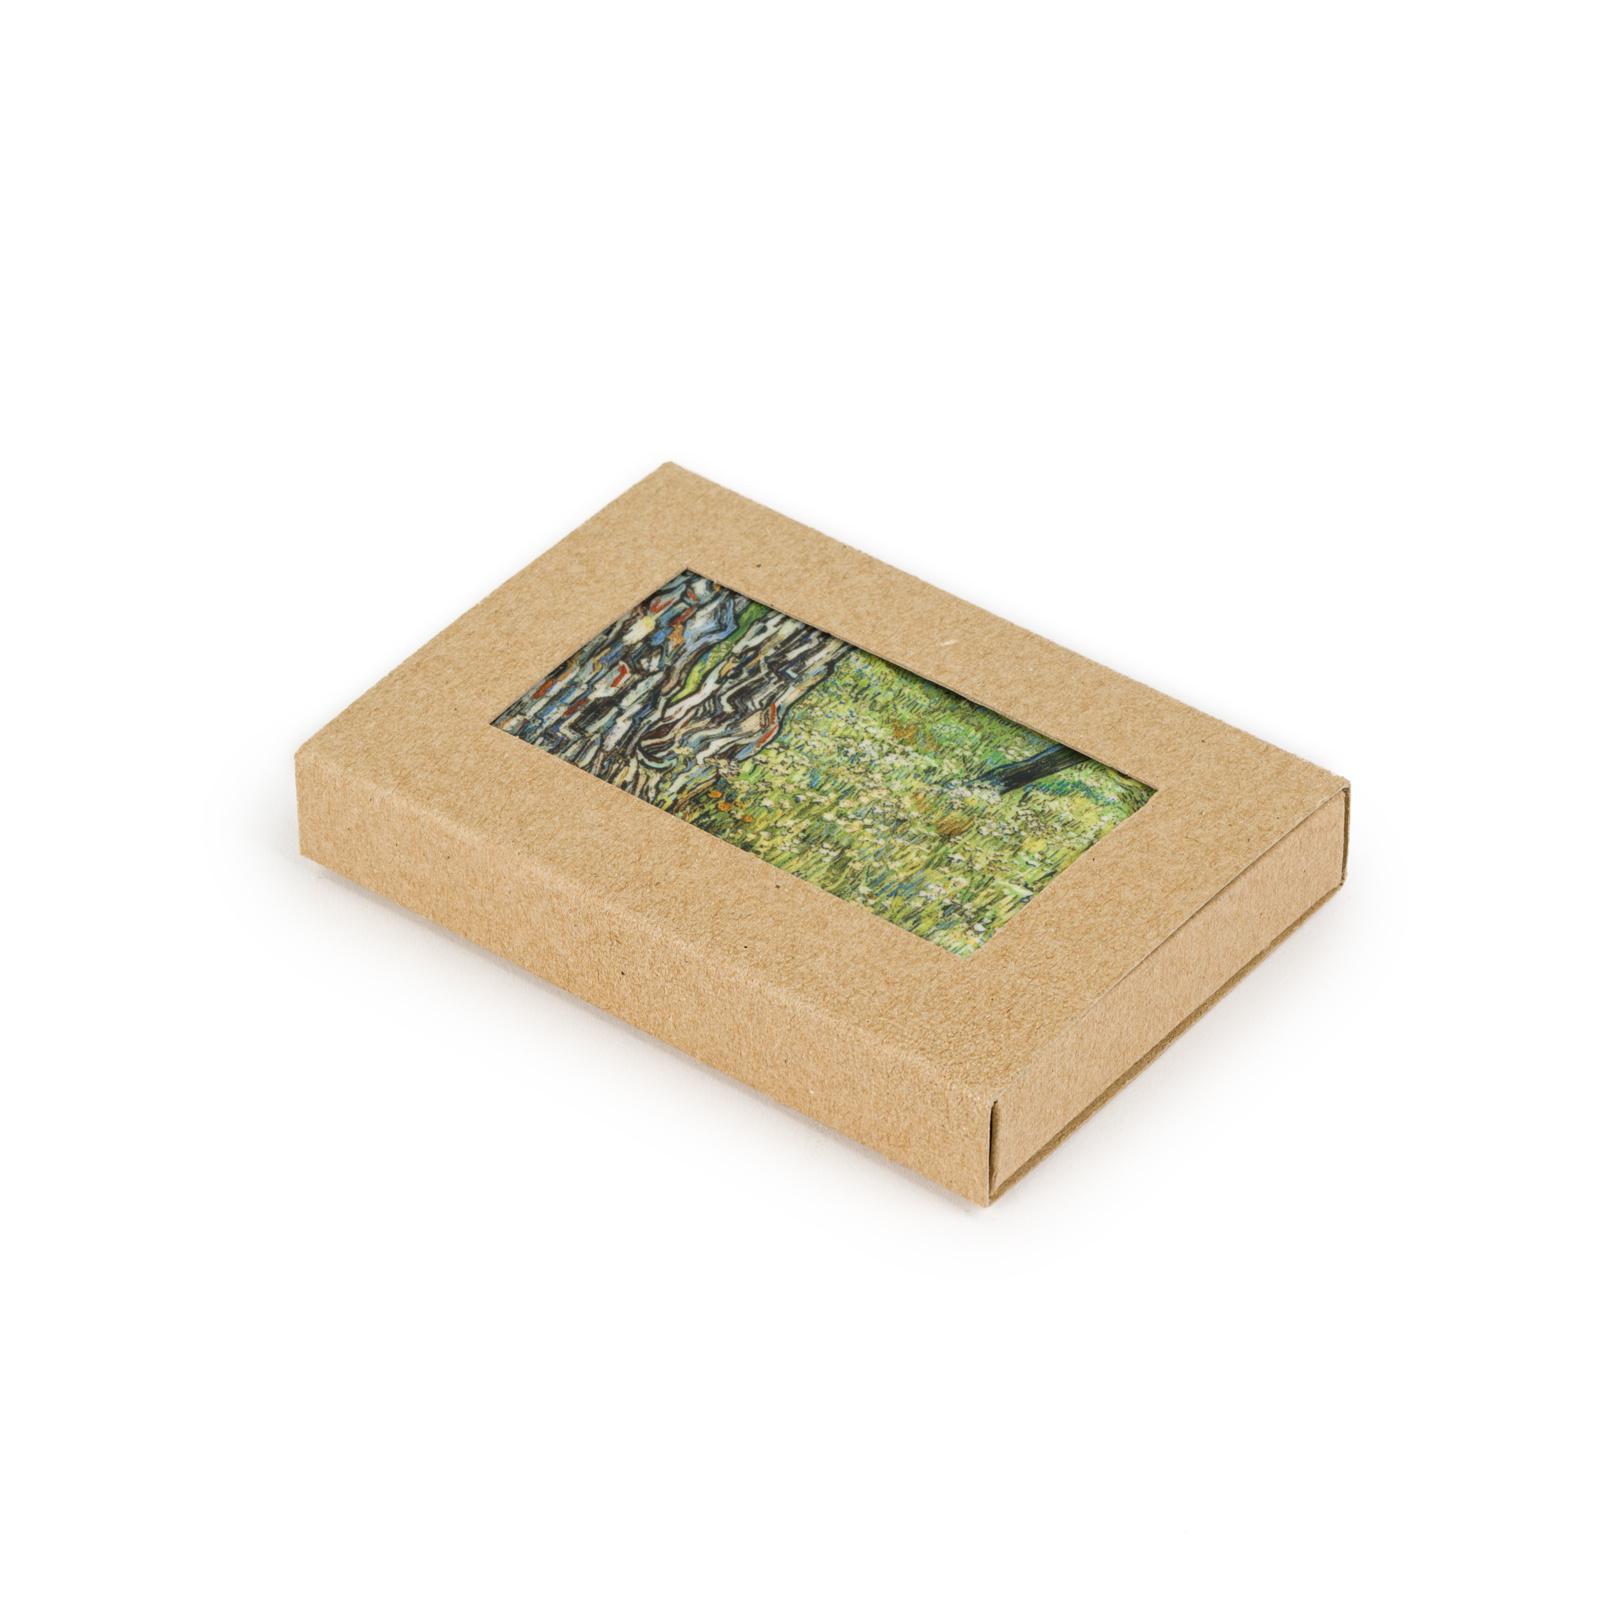 Fridge magnet Van Gogh - Tree trunks in the grass